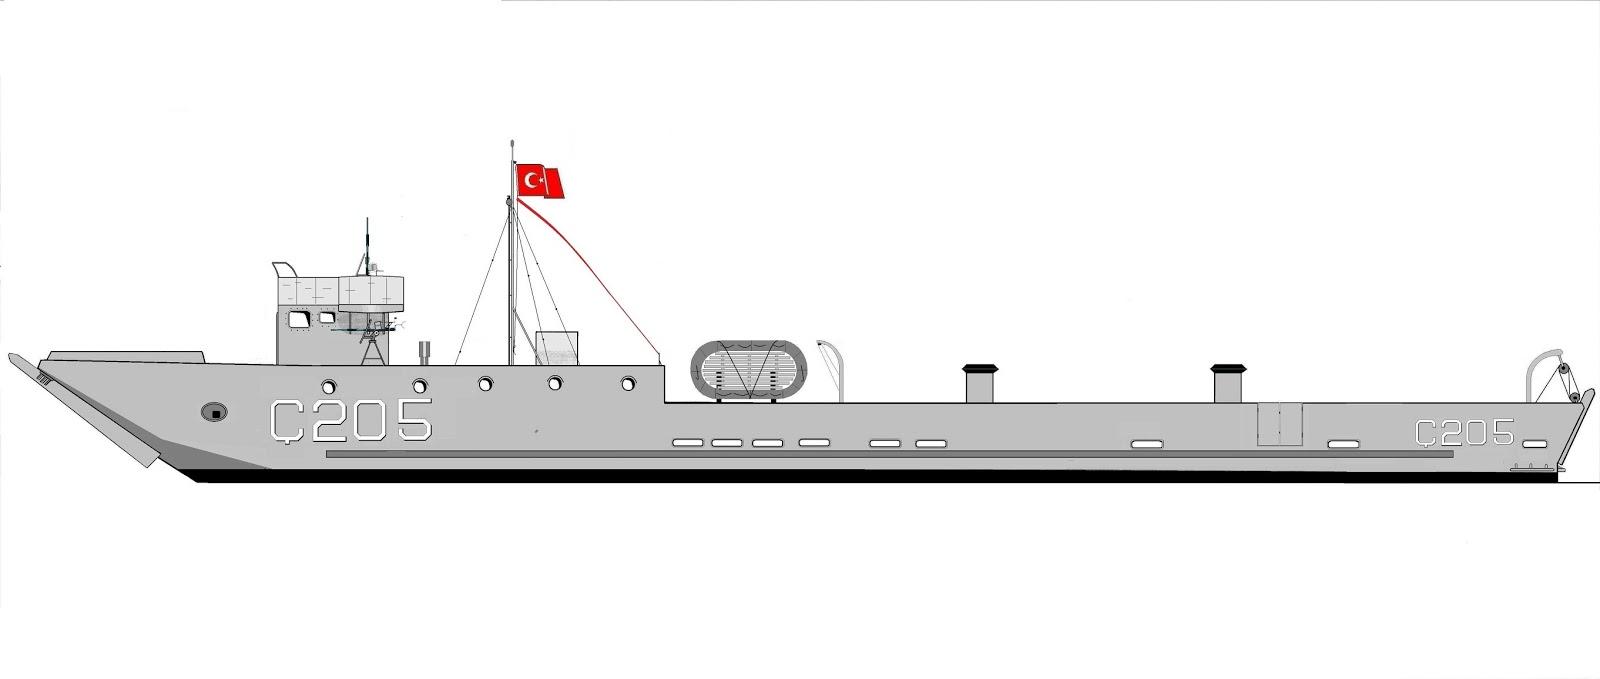 Peykpapermodels Tcg ç 205 Lcu çıkarma Gemisi Karton Modeli